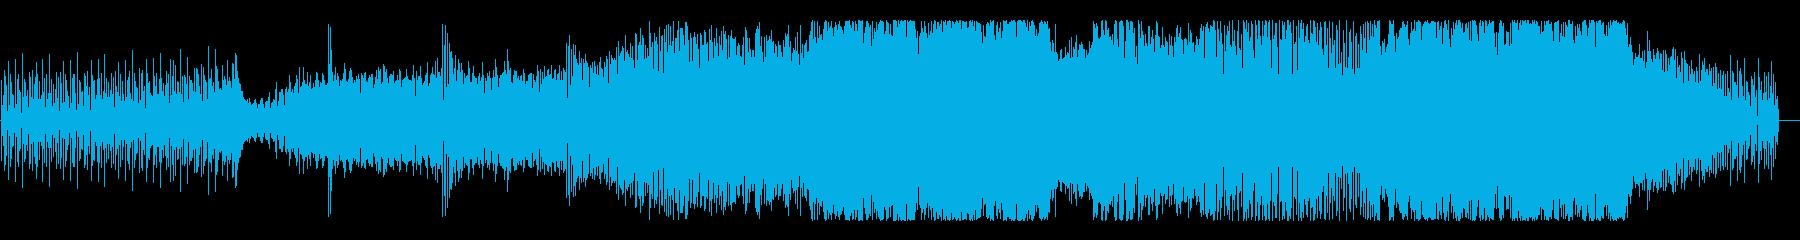 明暗が入り混じったようなEDMの再生済みの波形